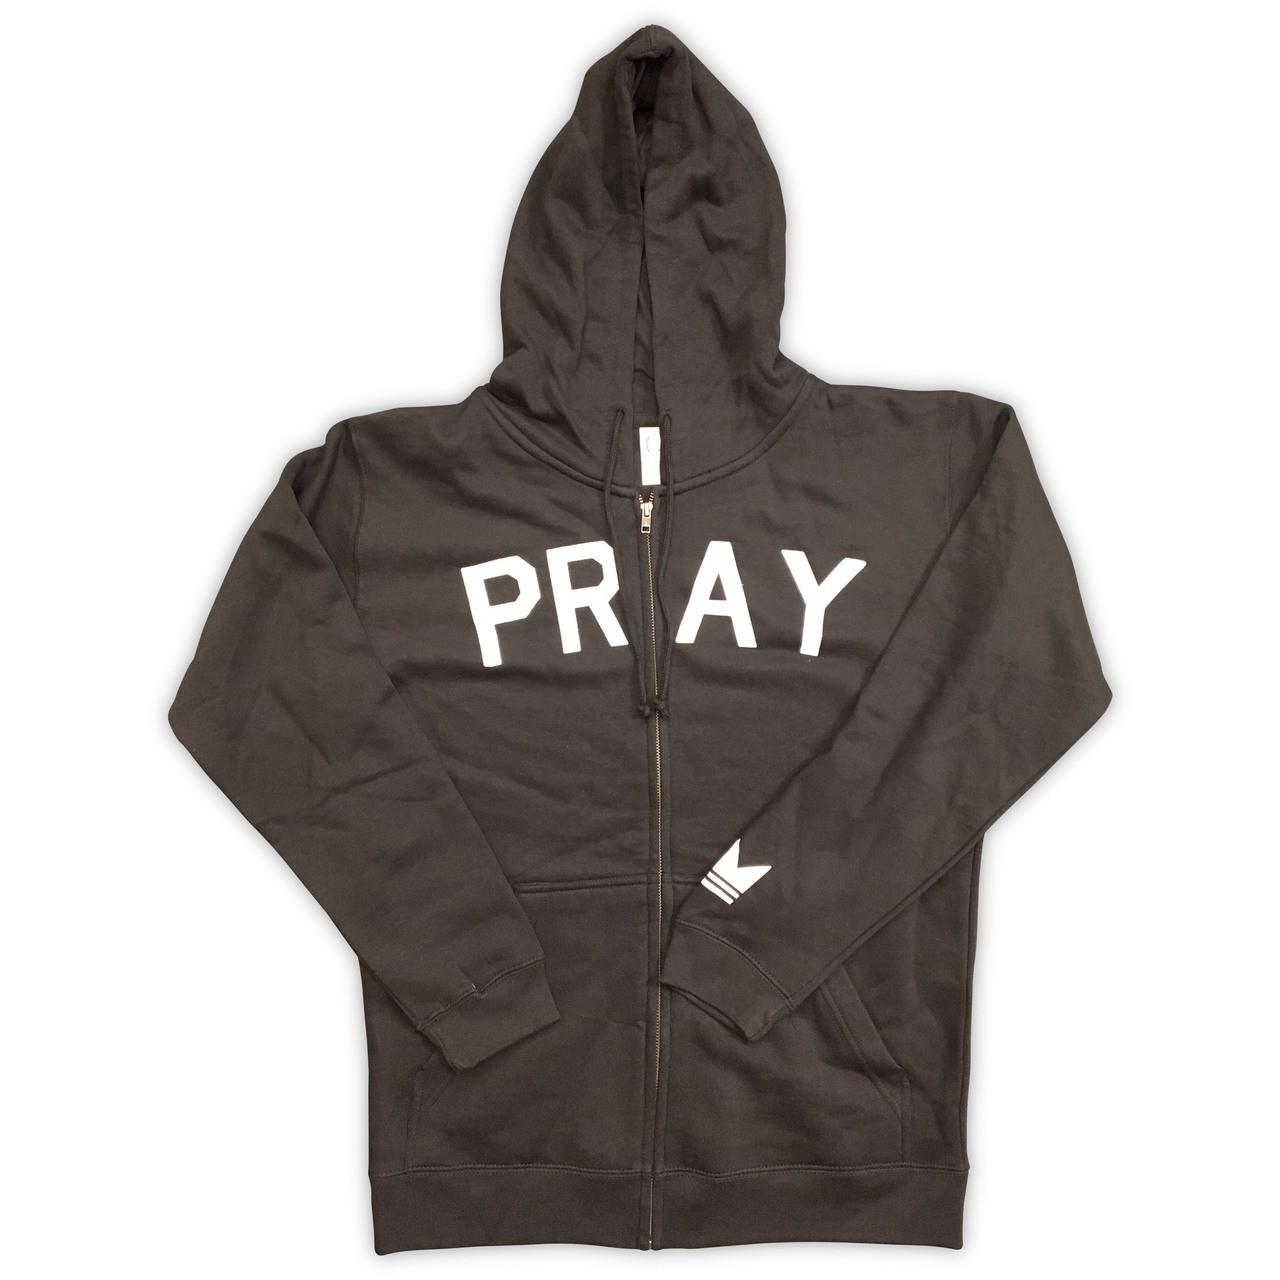 Onecrown PRAY Zip Up Black Hoodie Streetwear